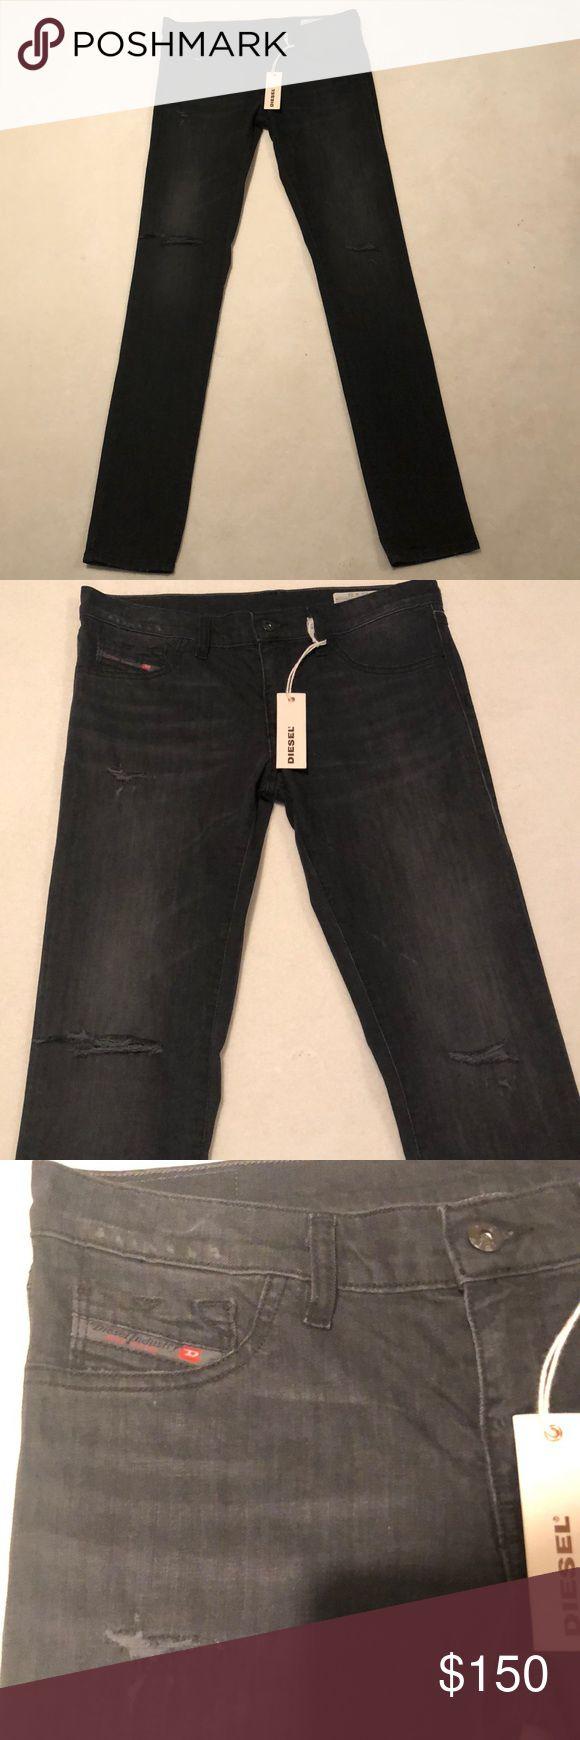 """Nwt deisel Distressed look jeans! Very cool ripped jeans """"distressed"""" look deisel jeans color is dark grey/black! Inseam is 33"""". Diesel Jeans Skinny"""